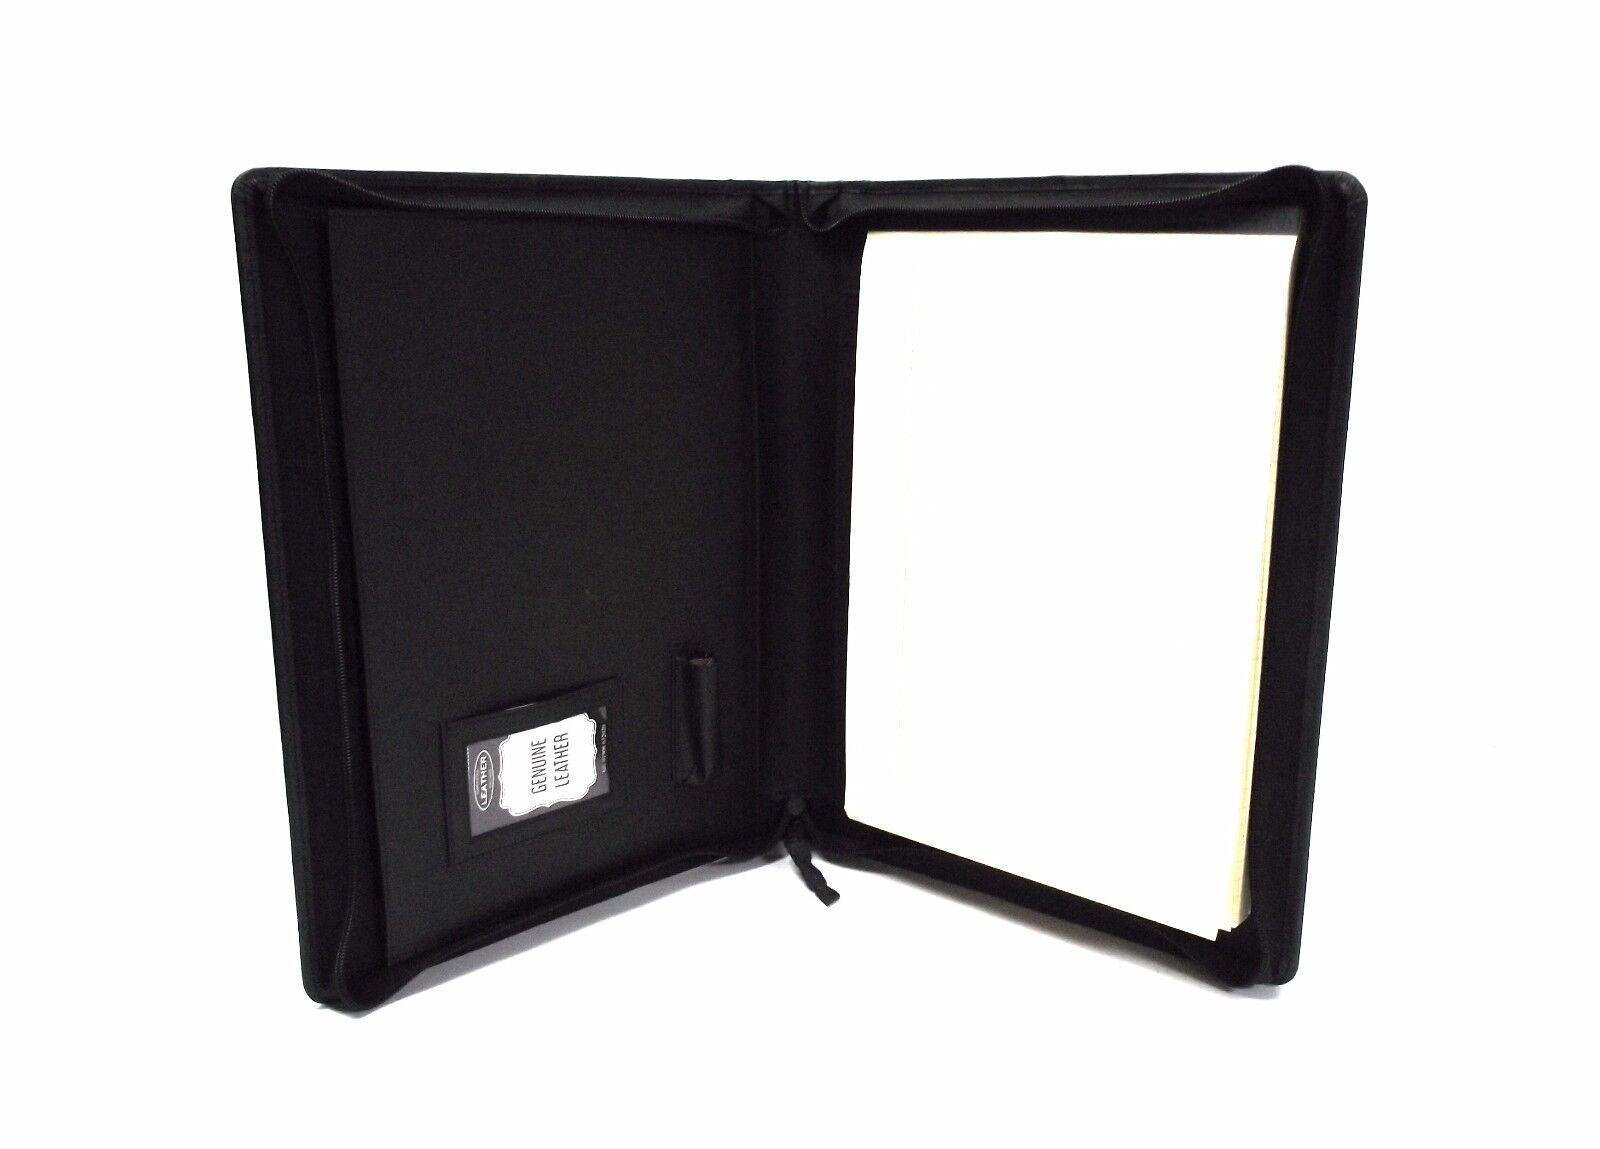 Cuero black Carpeta de presentación CARTERA CON Personalización OPCION it08 1